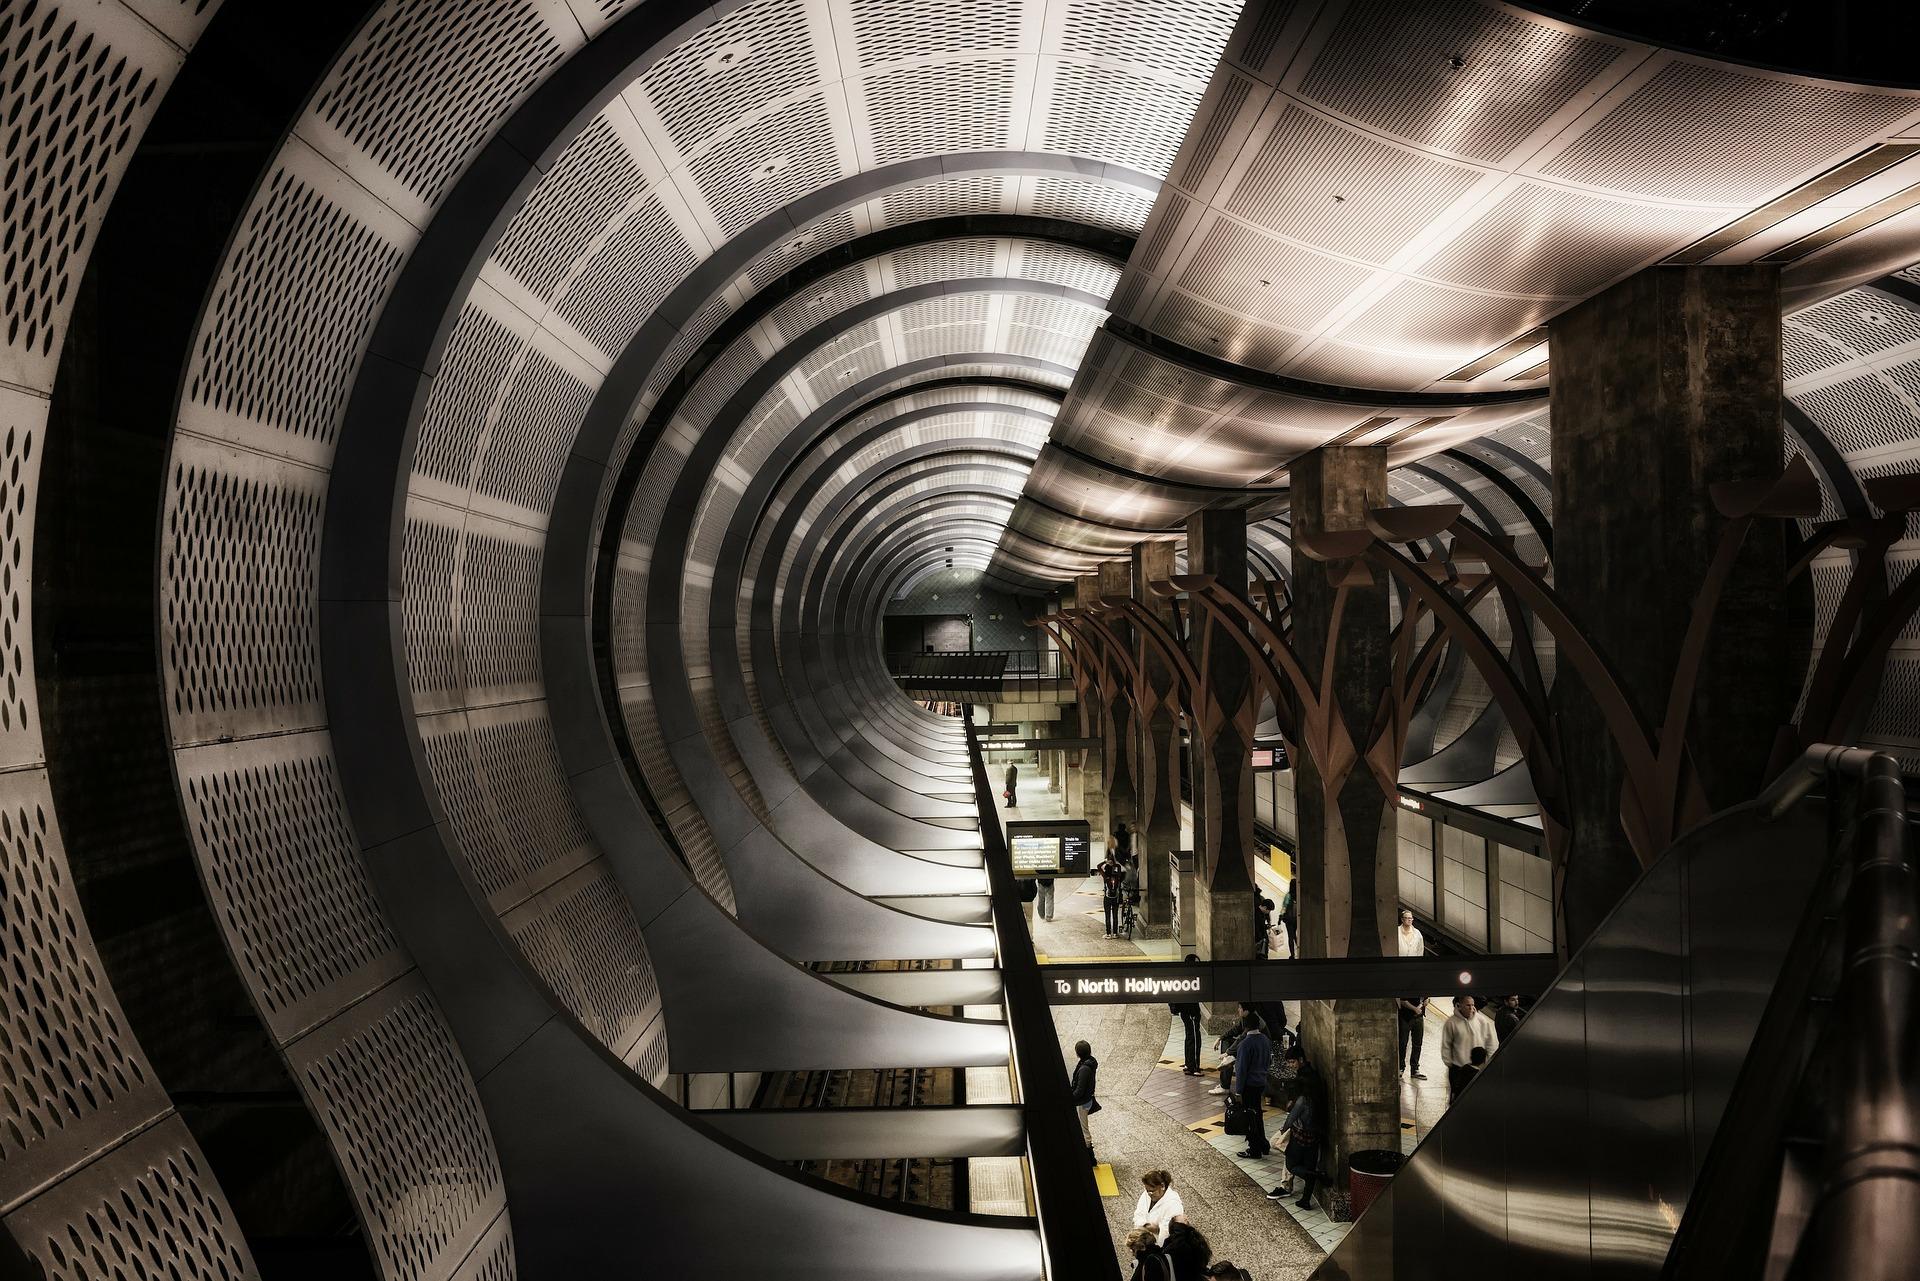 Metrô em Hollywood: uma maravilha, mas não muito abrangente